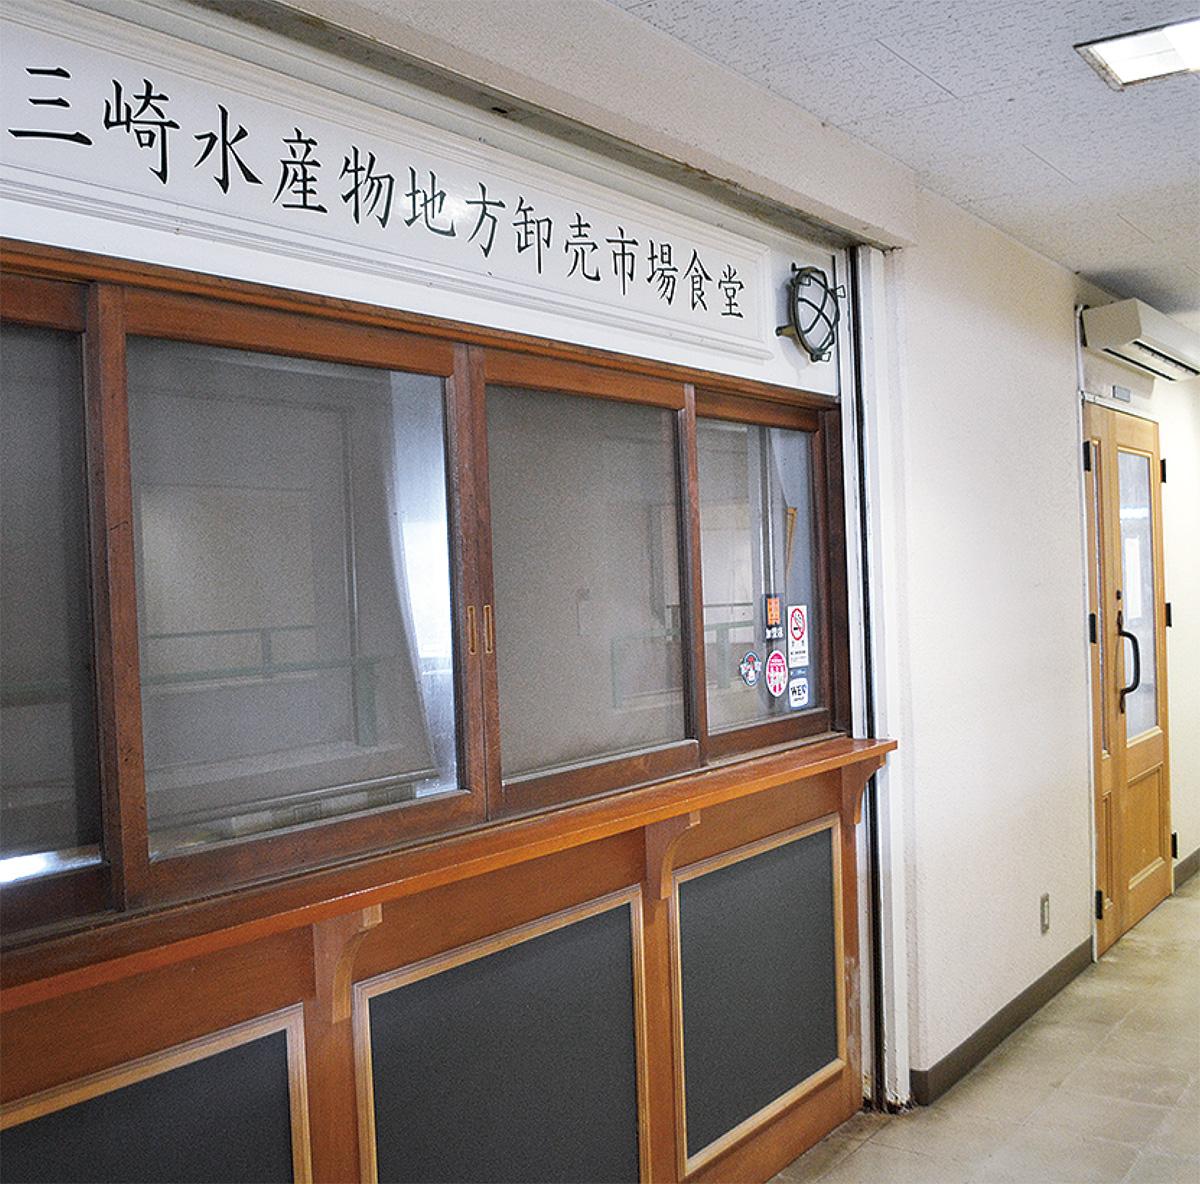 魚市場2階の一角にある市場食堂